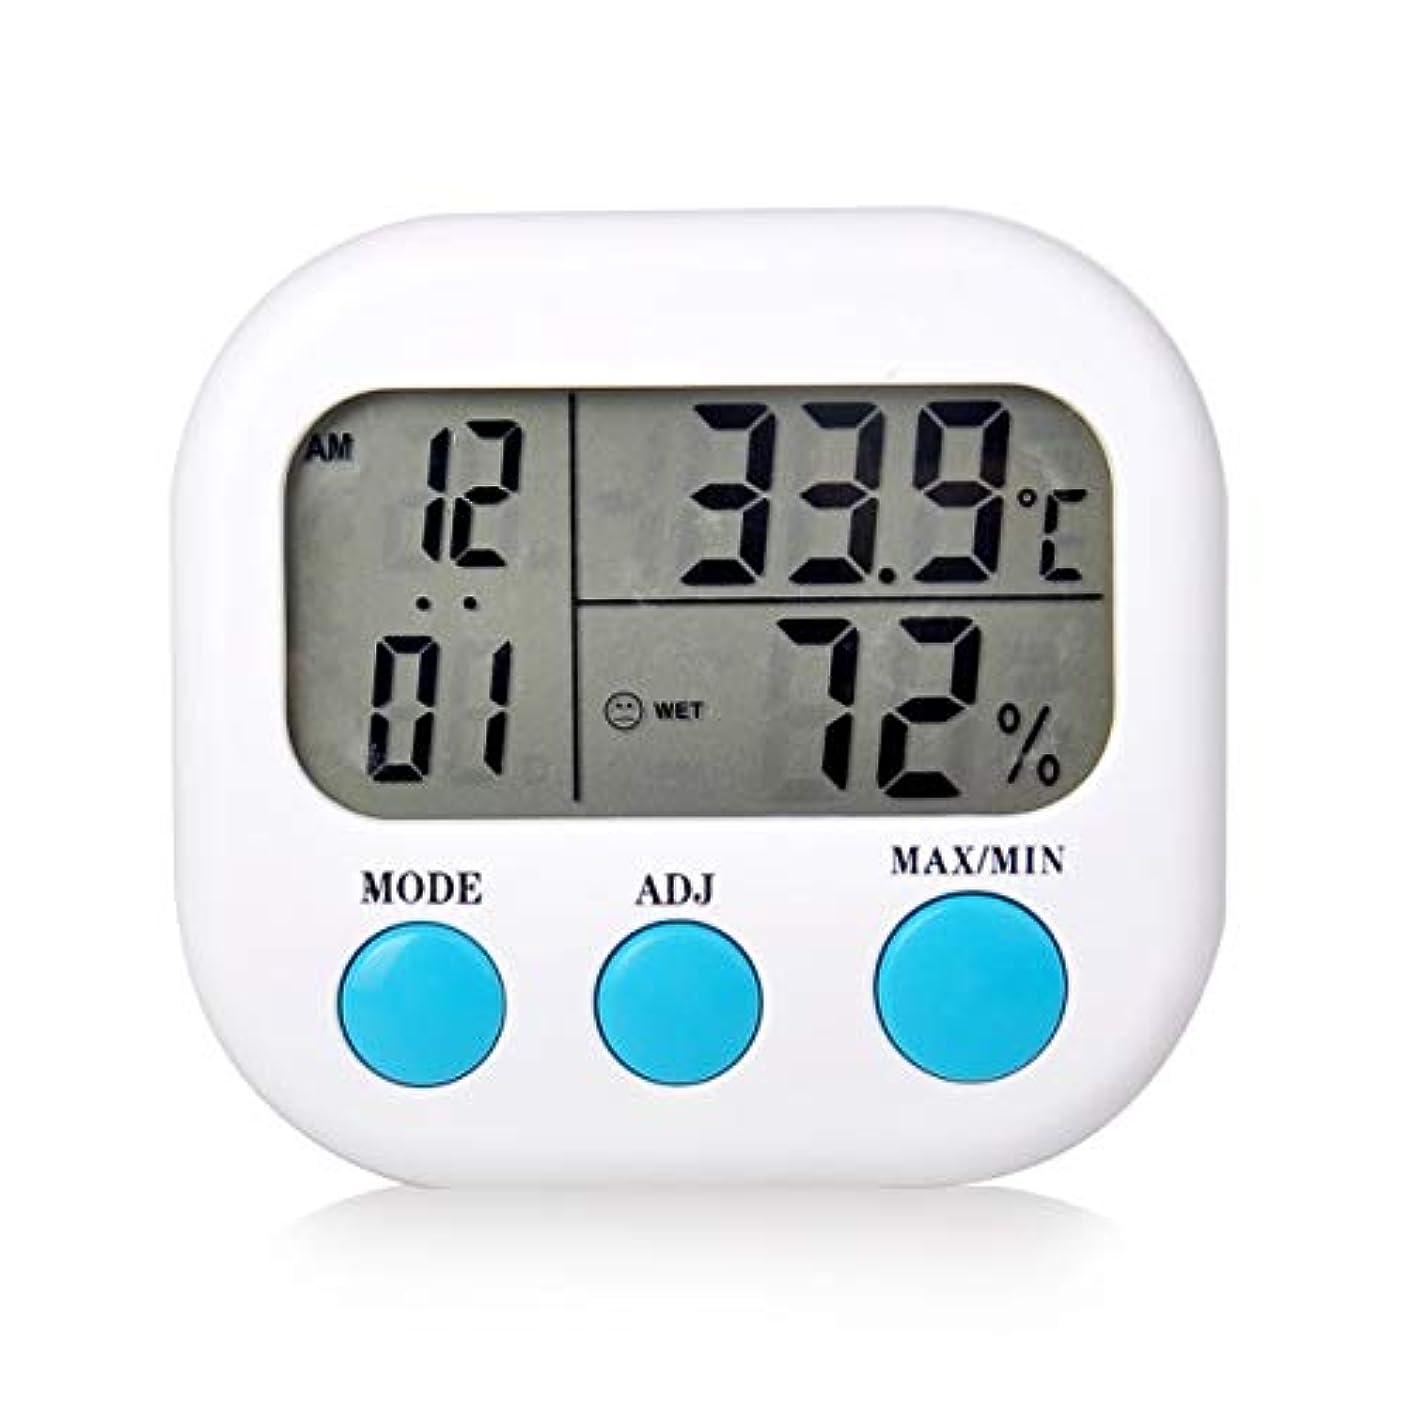 思春期の冒険曲げるSaikogoods 電子体温計湿度計 デジタルディスプレイ 温度湿度モニター アラーム時計 屋内家庭用 白